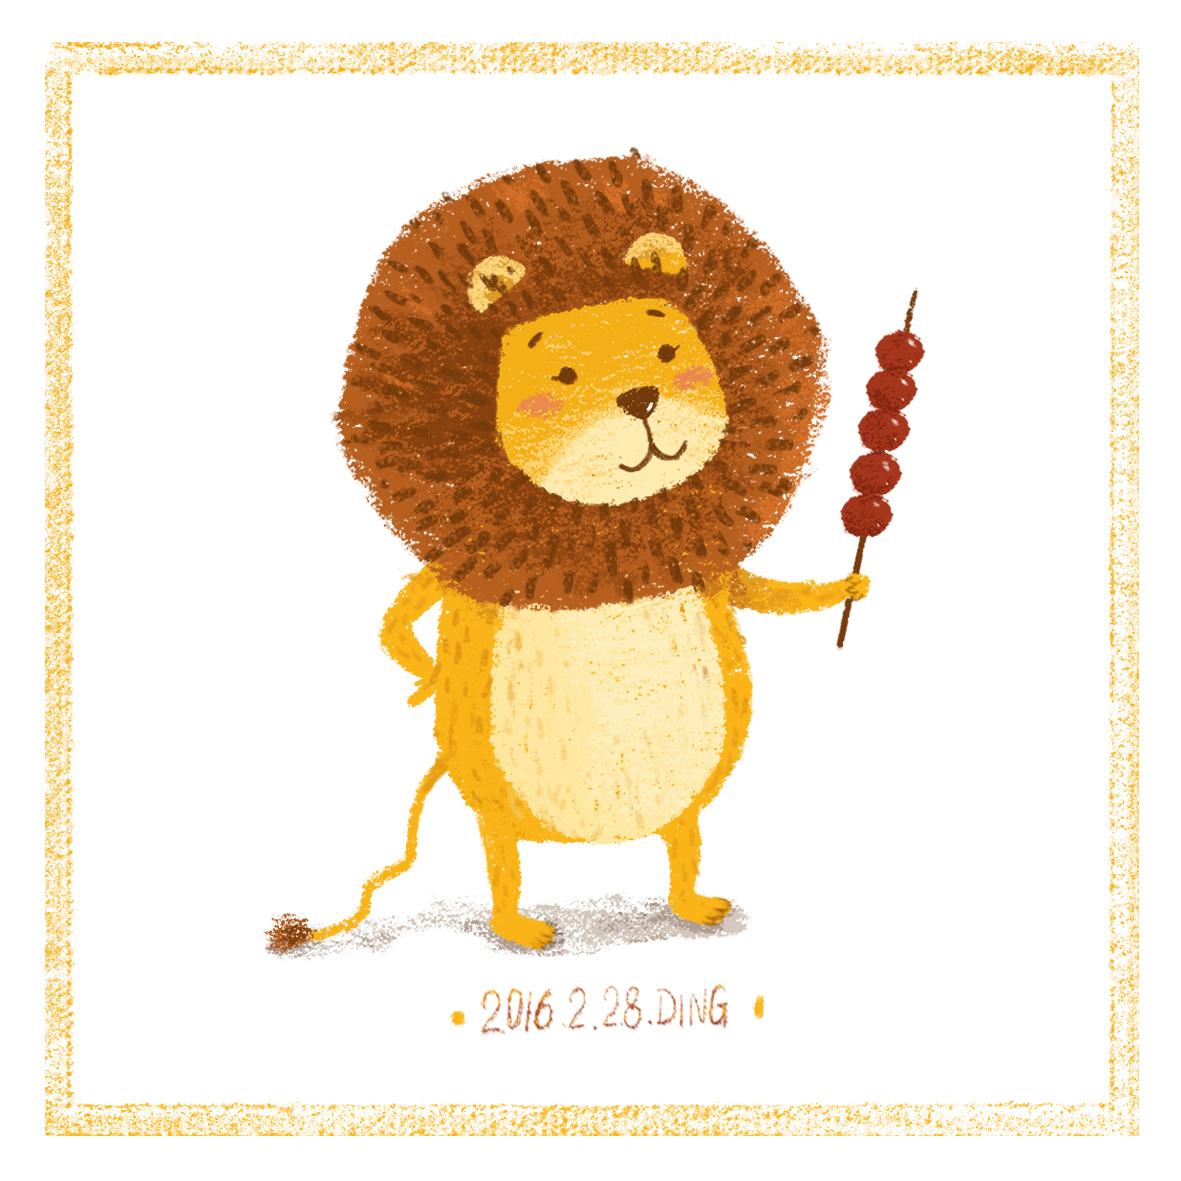 插画每日一图ps电脑手绘小动物2